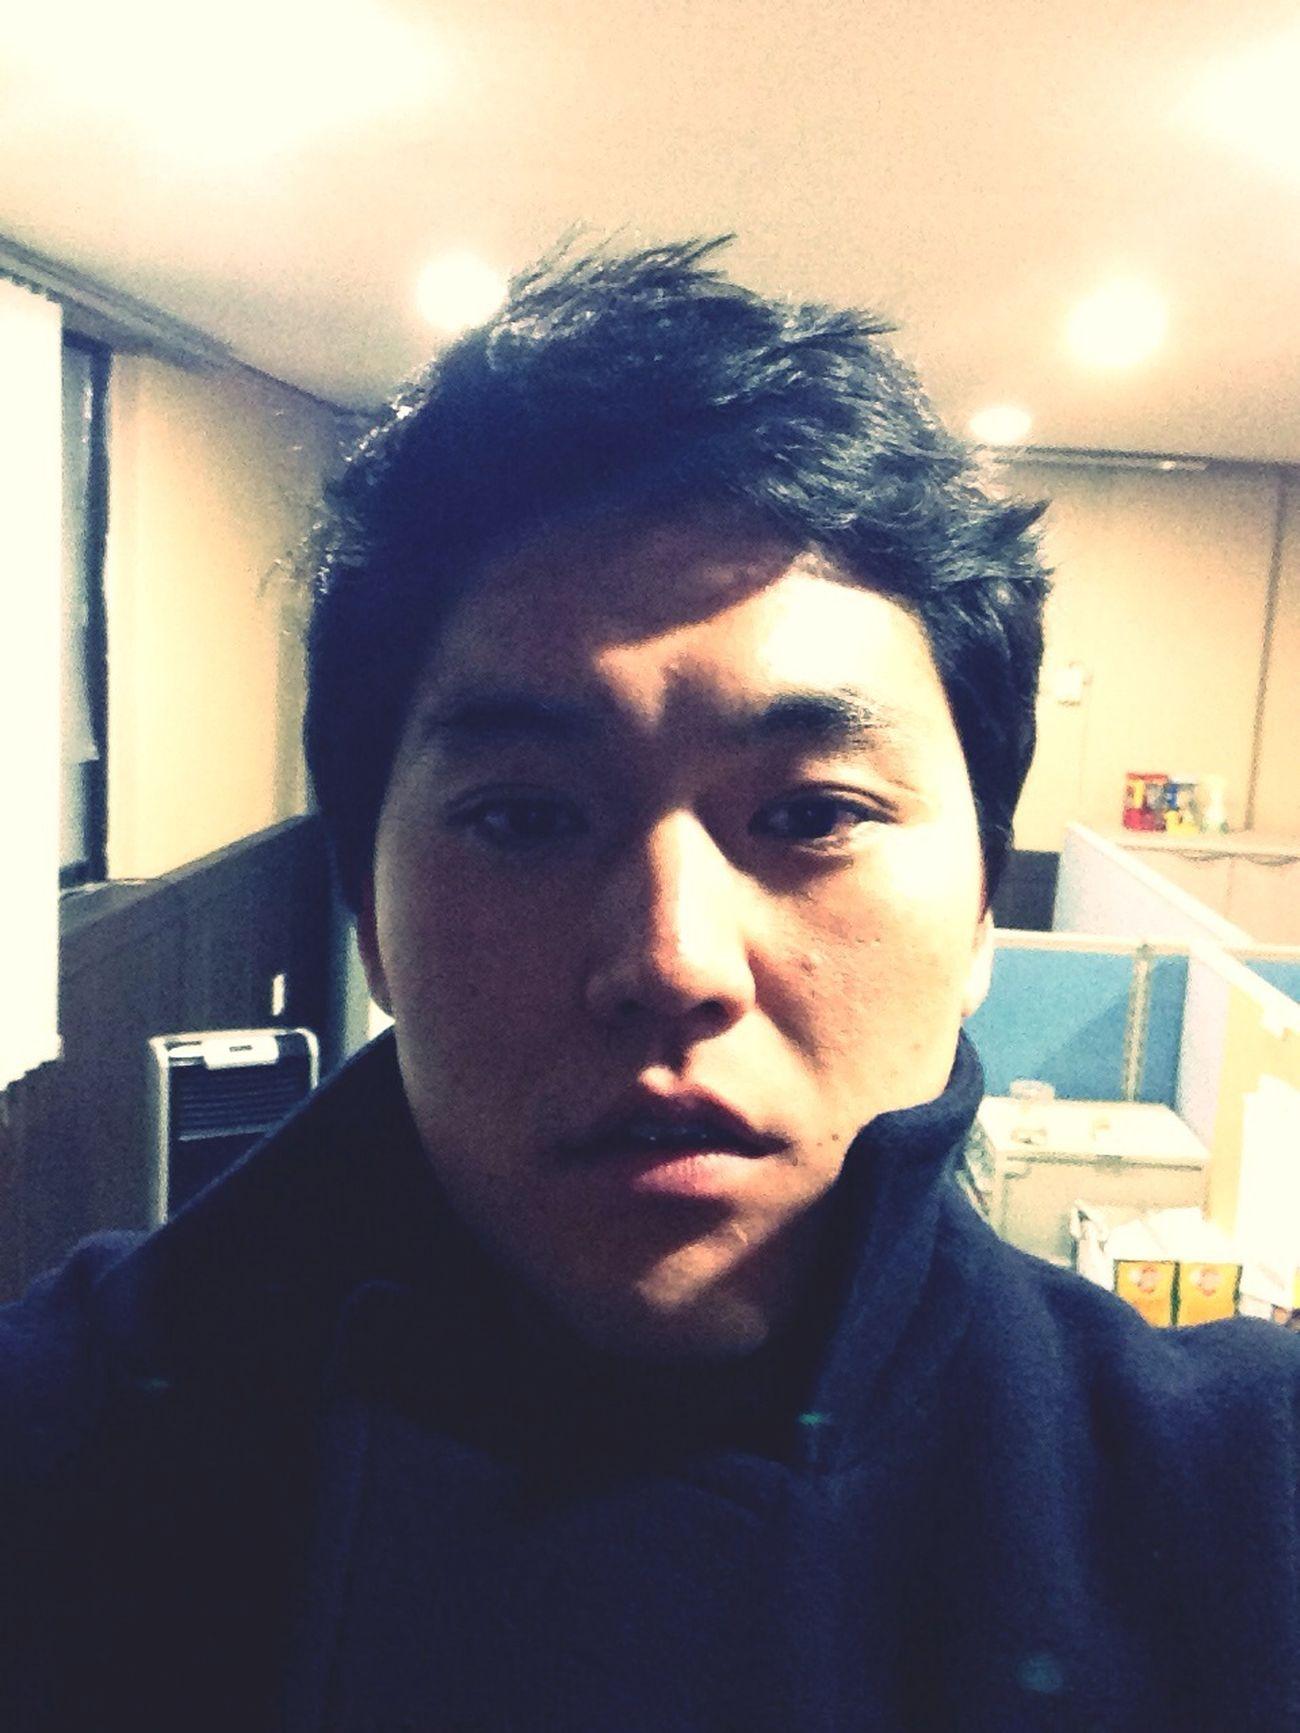 That's Me Hello World New Haircut Self Portrait 언제까지 추울라나